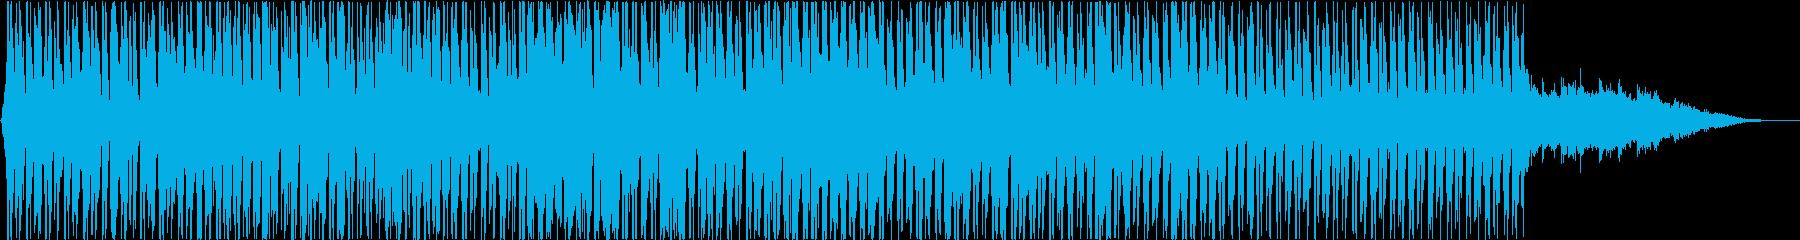 ポップ。歌、ゆっくり、素晴らしい物語。の再生済みの波形